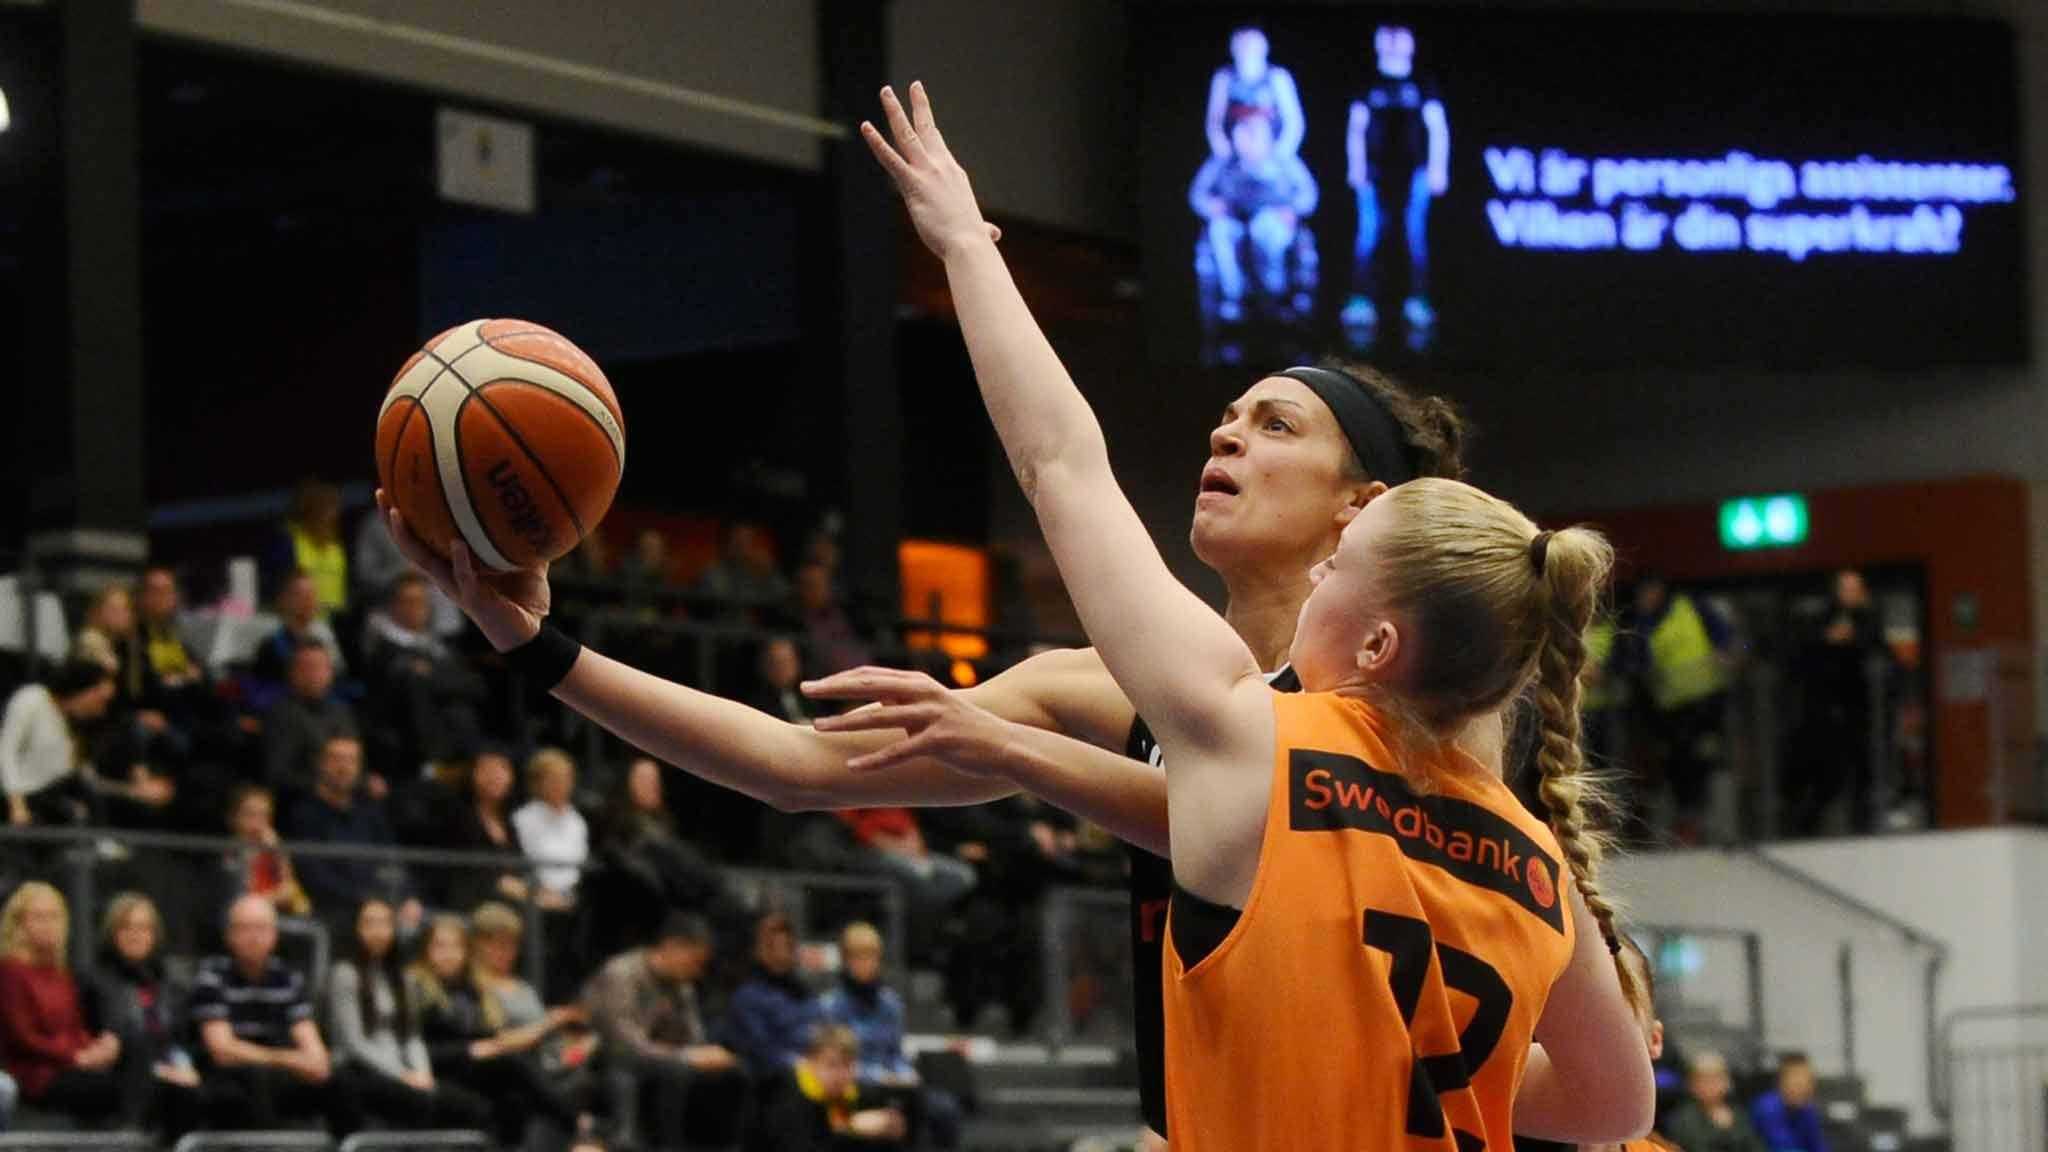 Sofie Hendrickx (photos: luleabasket.com)